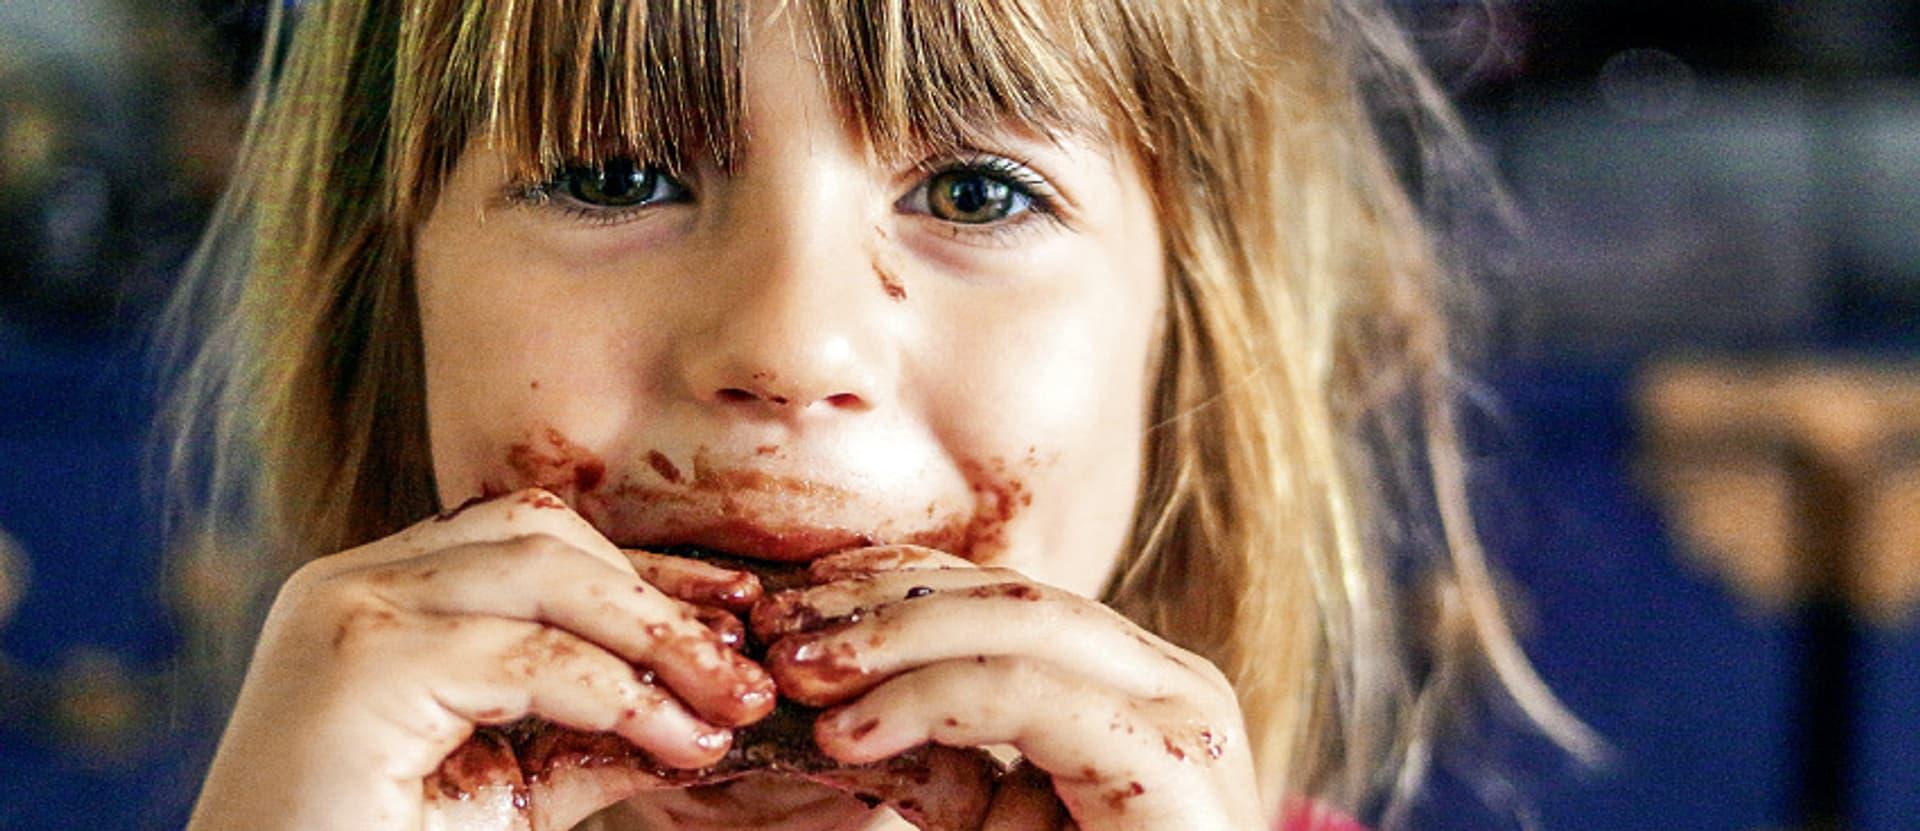 Kind mit Schokolade-verschmiertem Mund